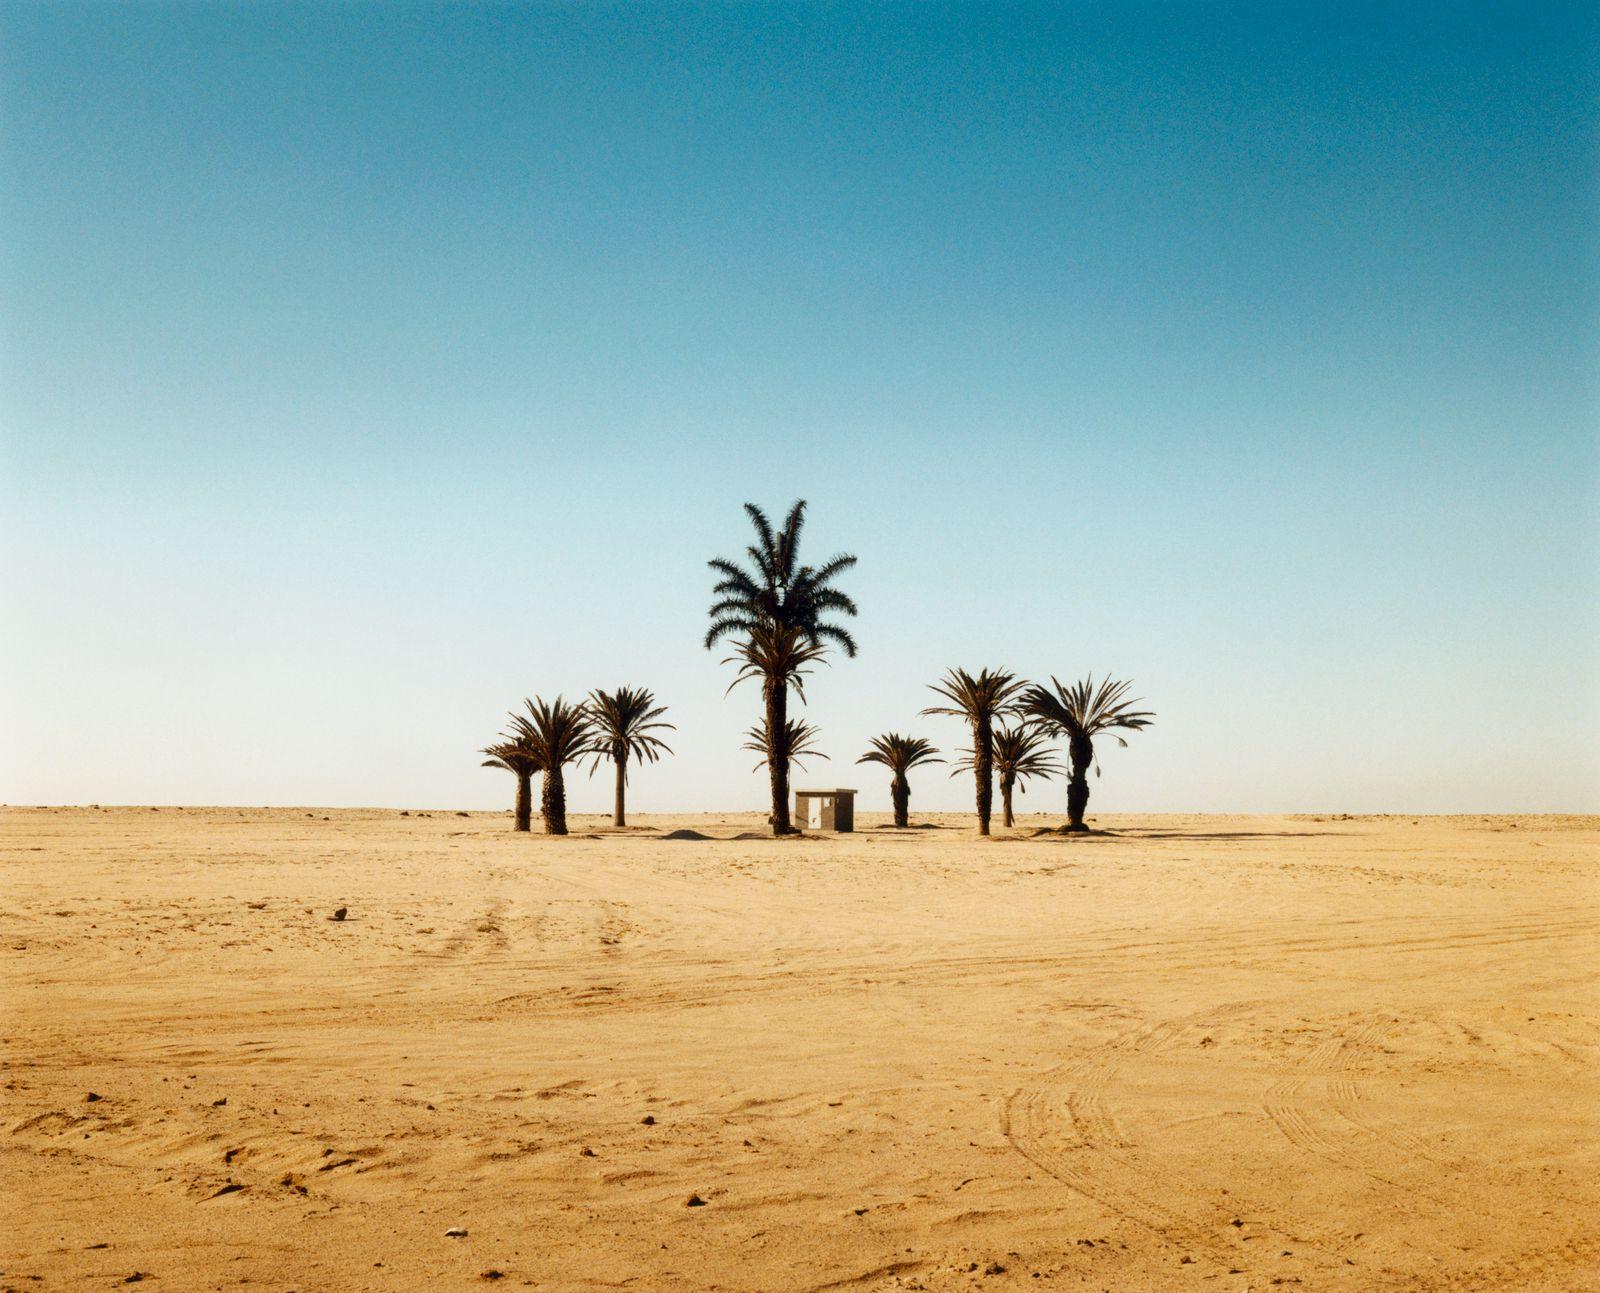 NICHT MEHR VERWENDEN! - Oase / Wüste / Sand / Palmen